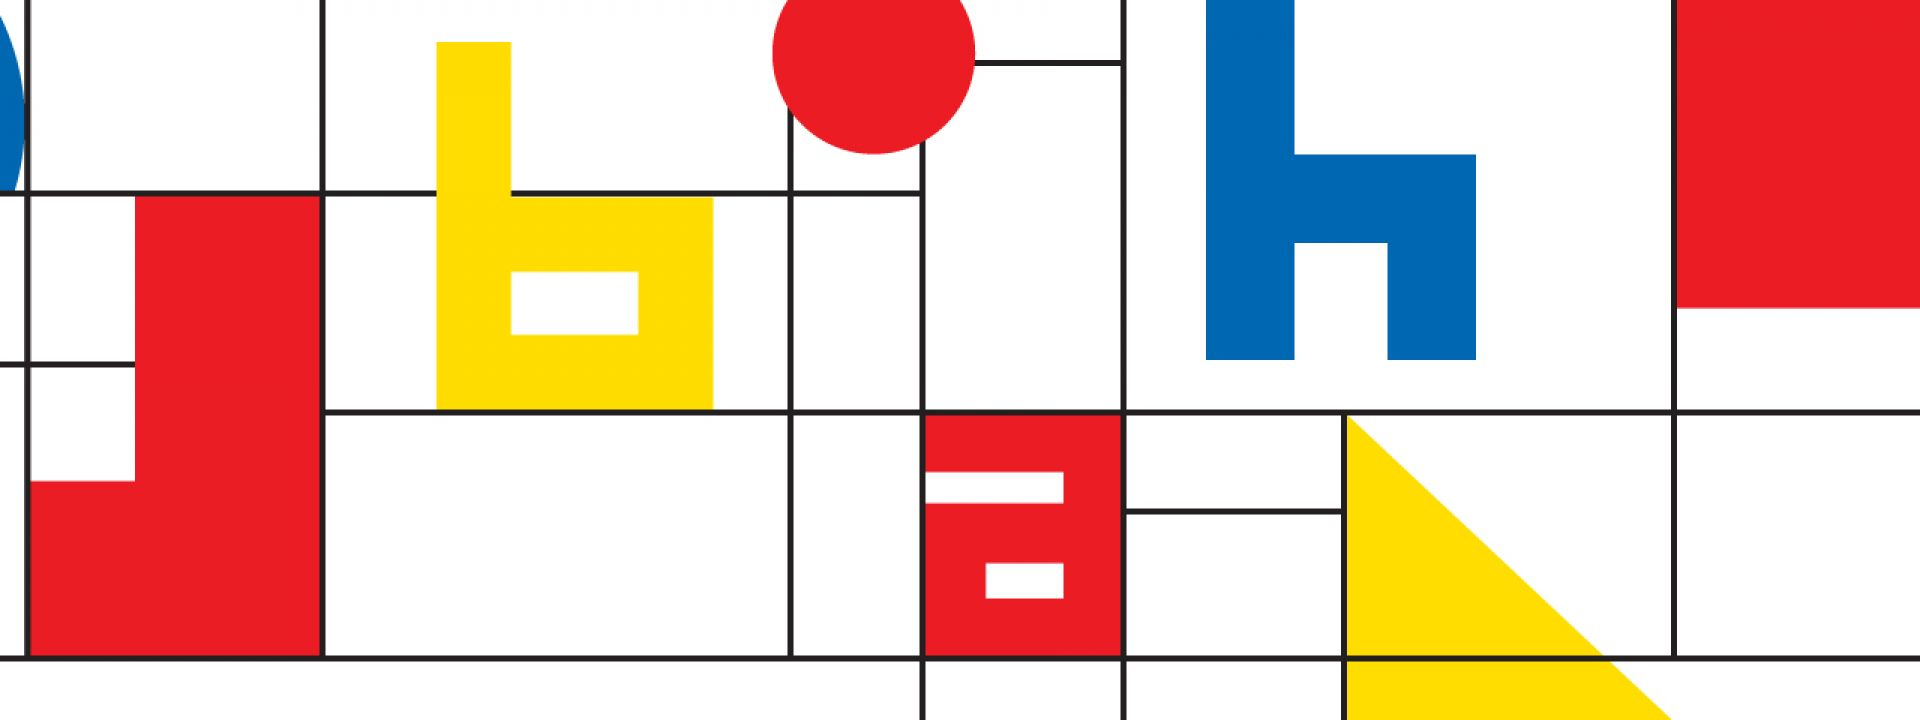 Διάλεξη: Παναγιώτης Τουρνικιώτης | Το Bauhaus στην Ελλάδα - Εικόνα